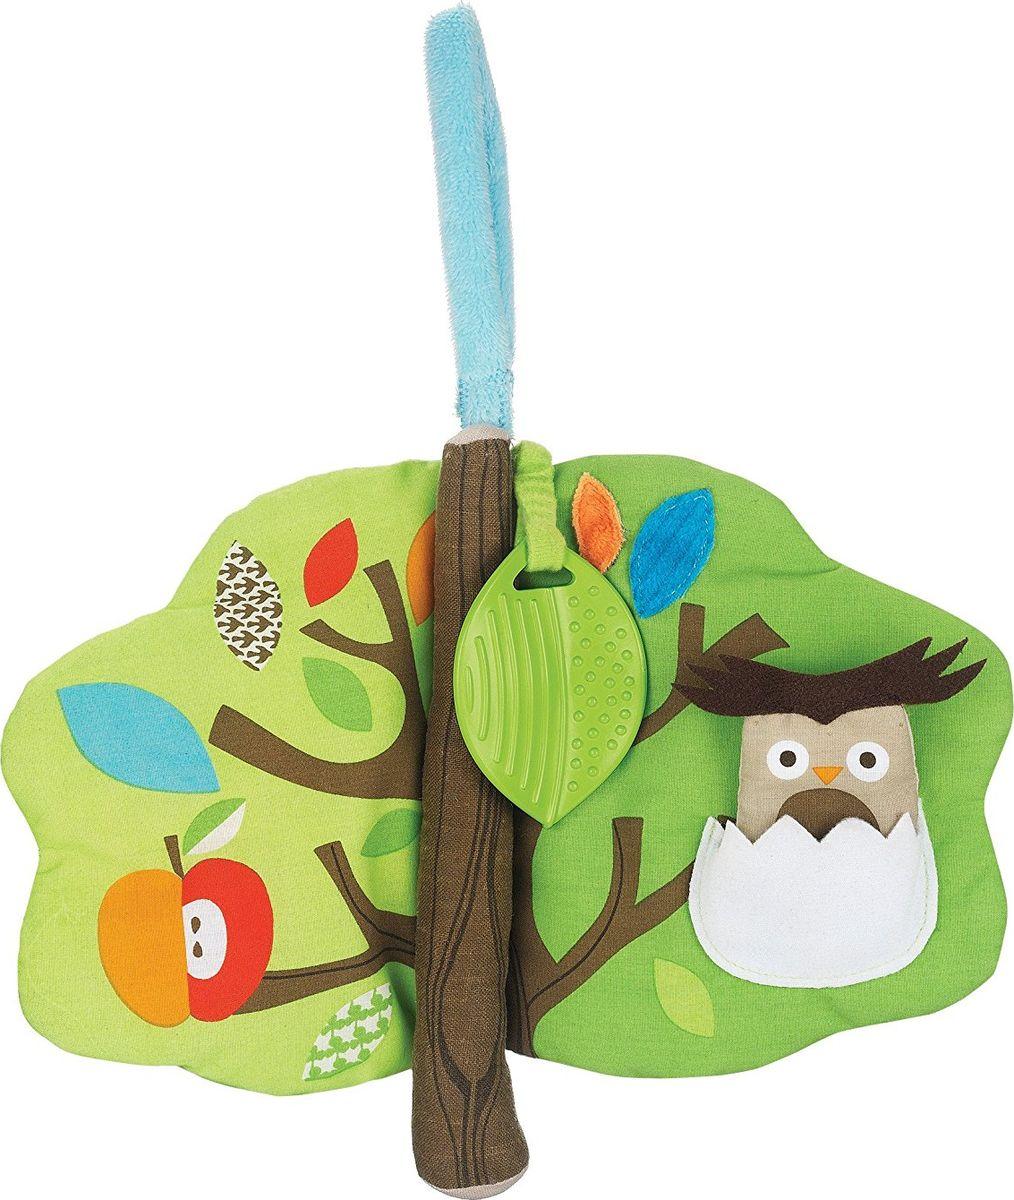 цены на Skip Hop Развивающая игрушка-книжка Лесное дерево  в интернет-магазинах